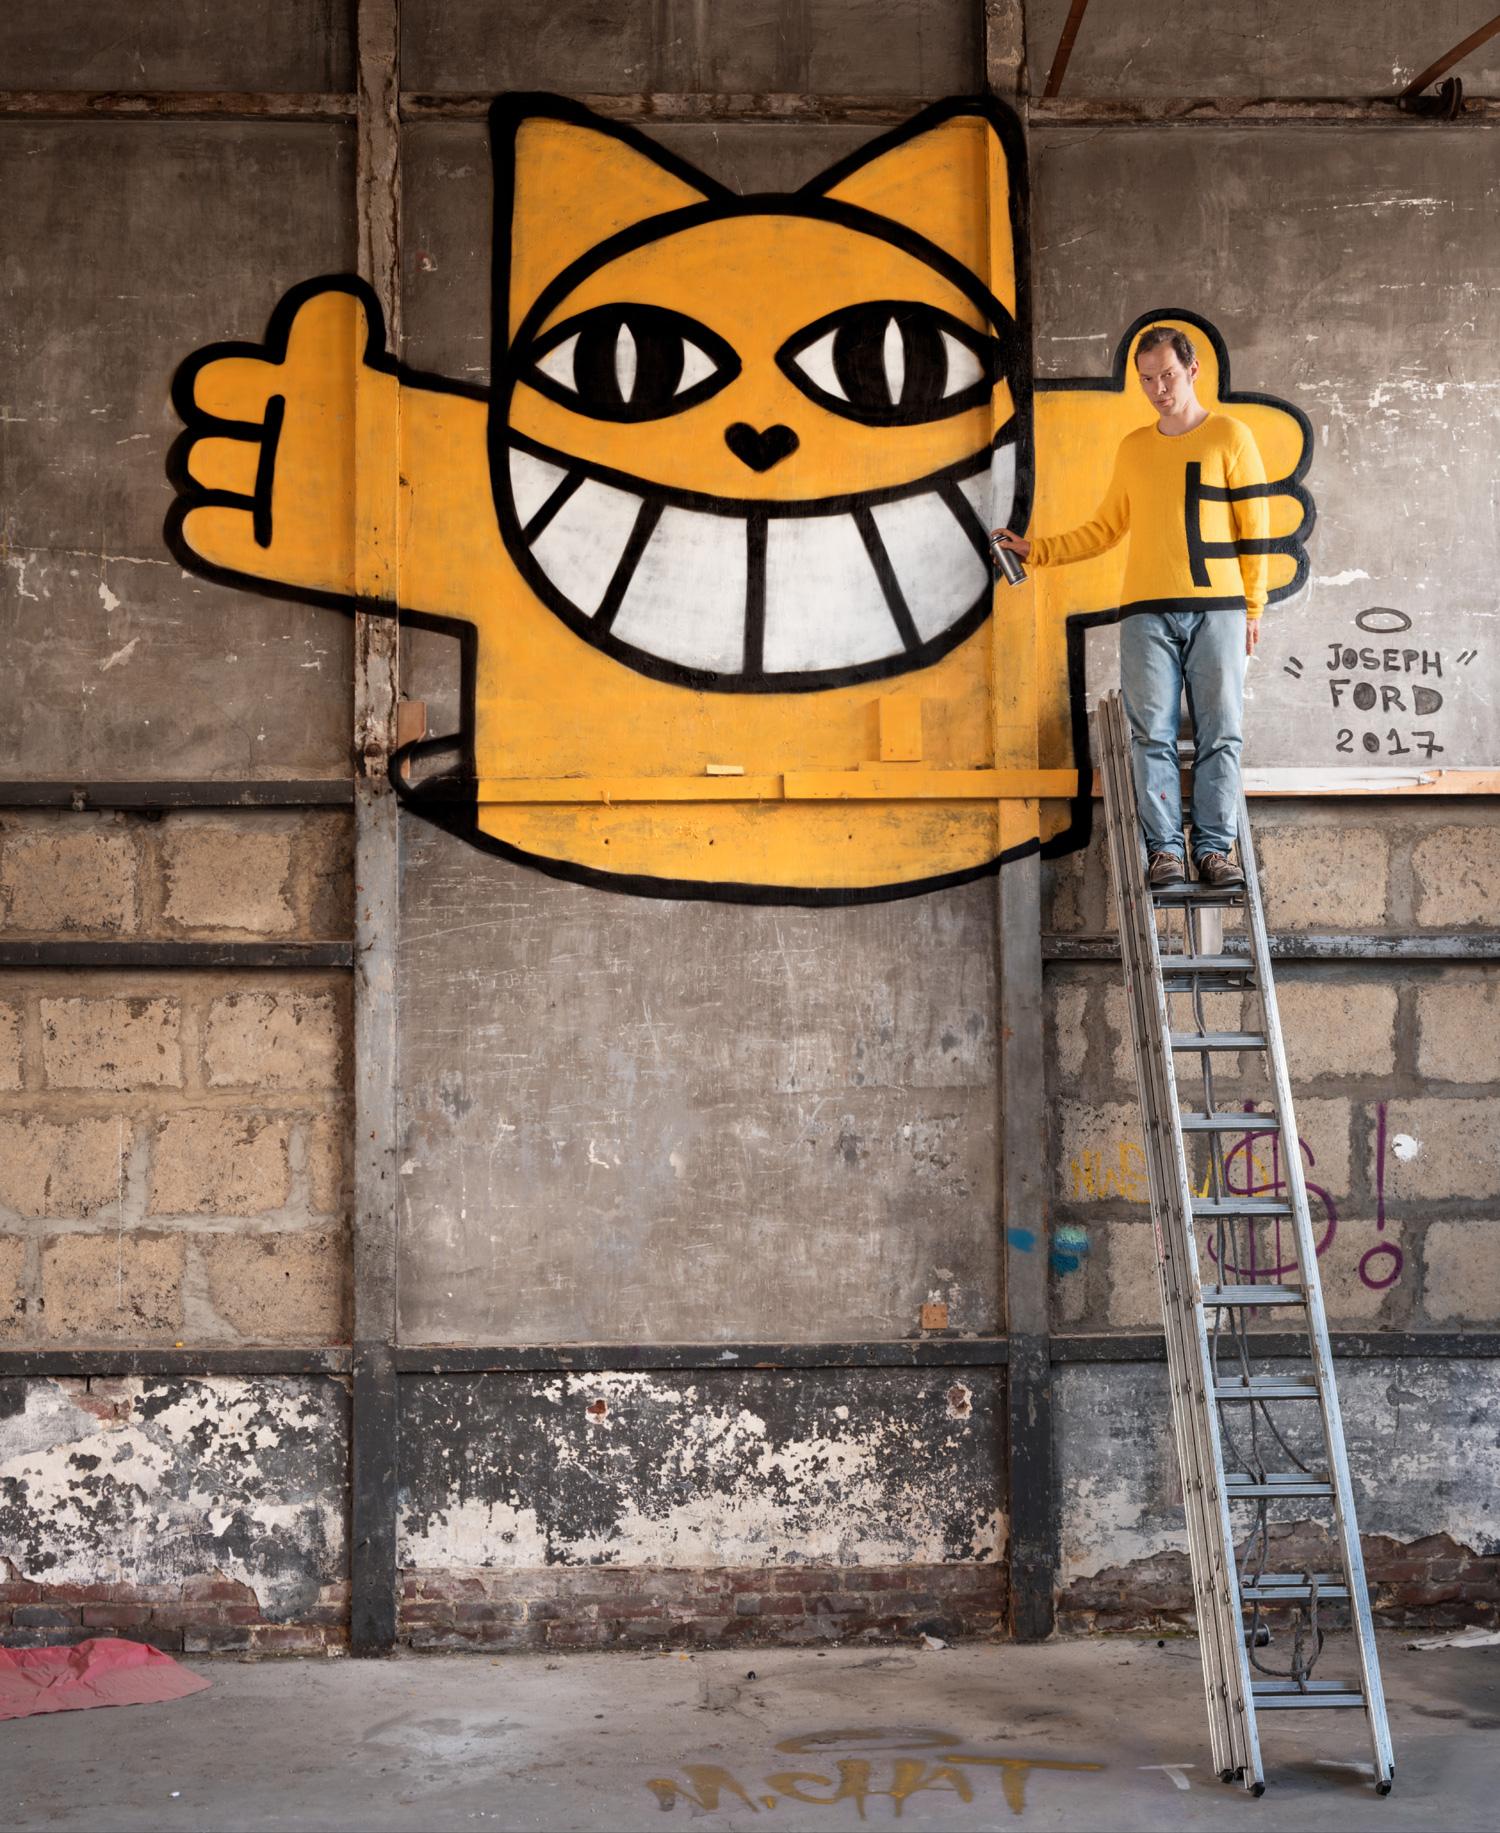 Вязаный камуфляж: смешение с городской средой в проекте Джозефа Форда